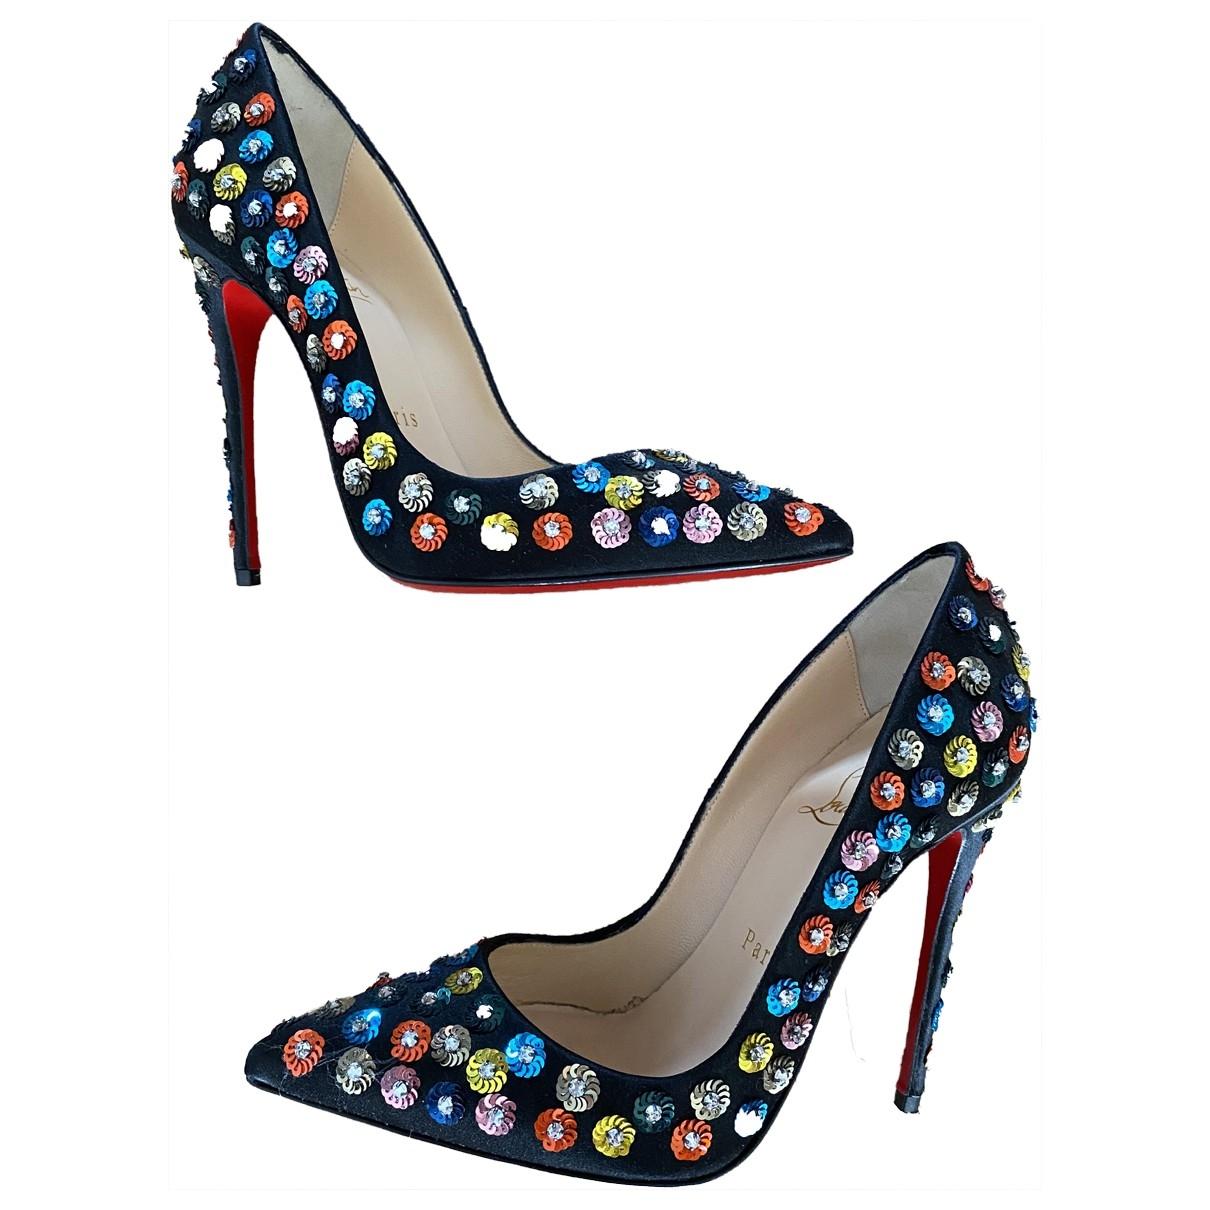 Christian Louboutin - Escarpins So Kate  pour femme en a paillettes - multicolore